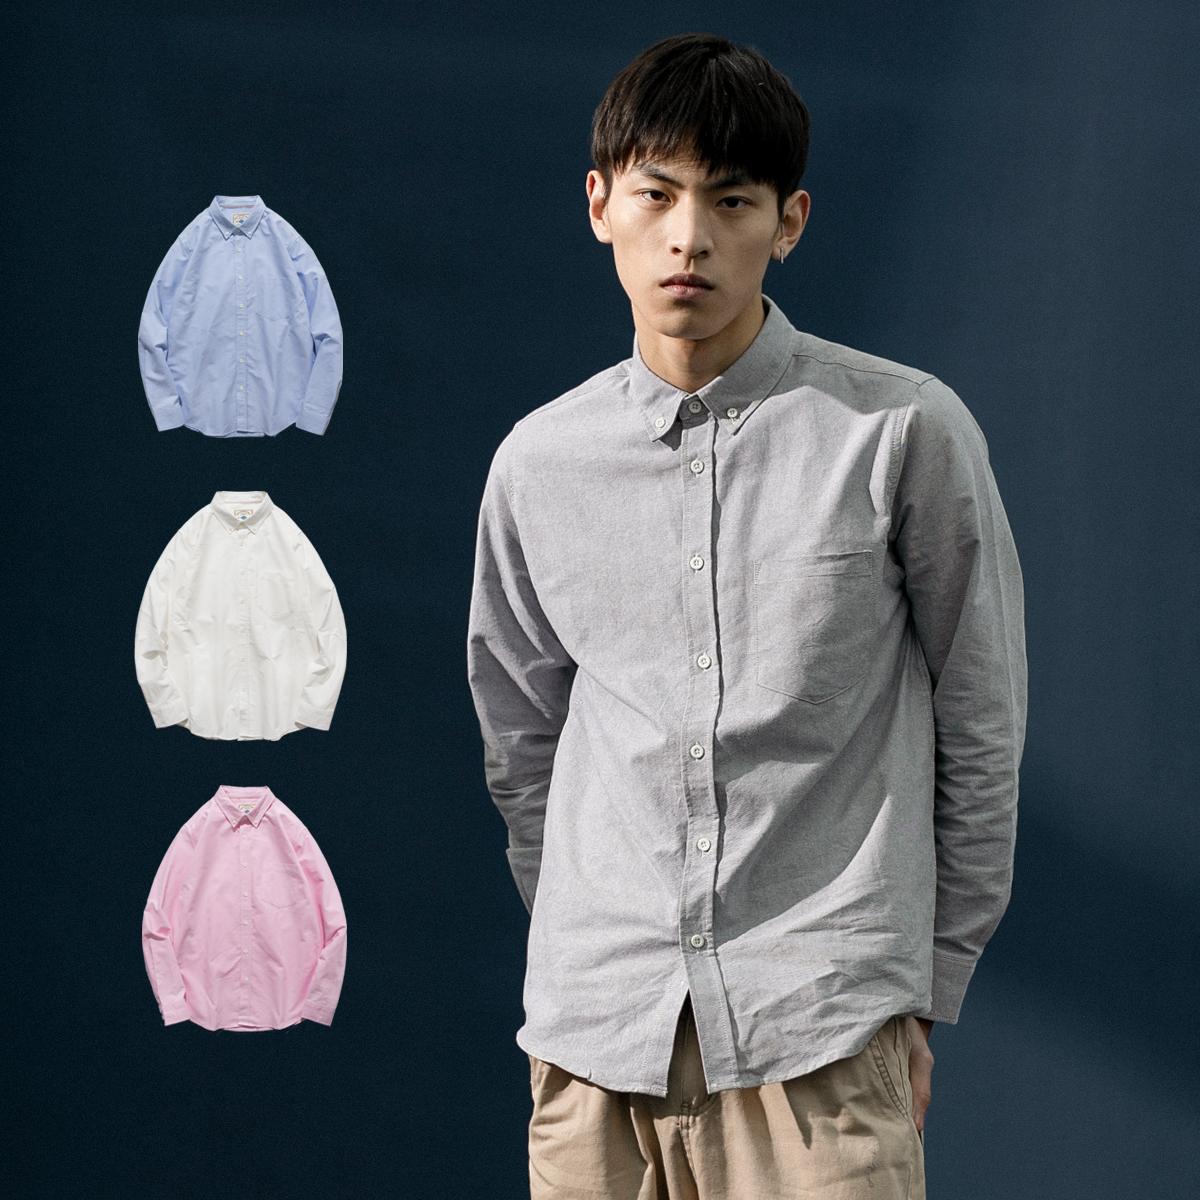 春季纯色男长袖牛津纺休闲ins衬衫(非品牌)